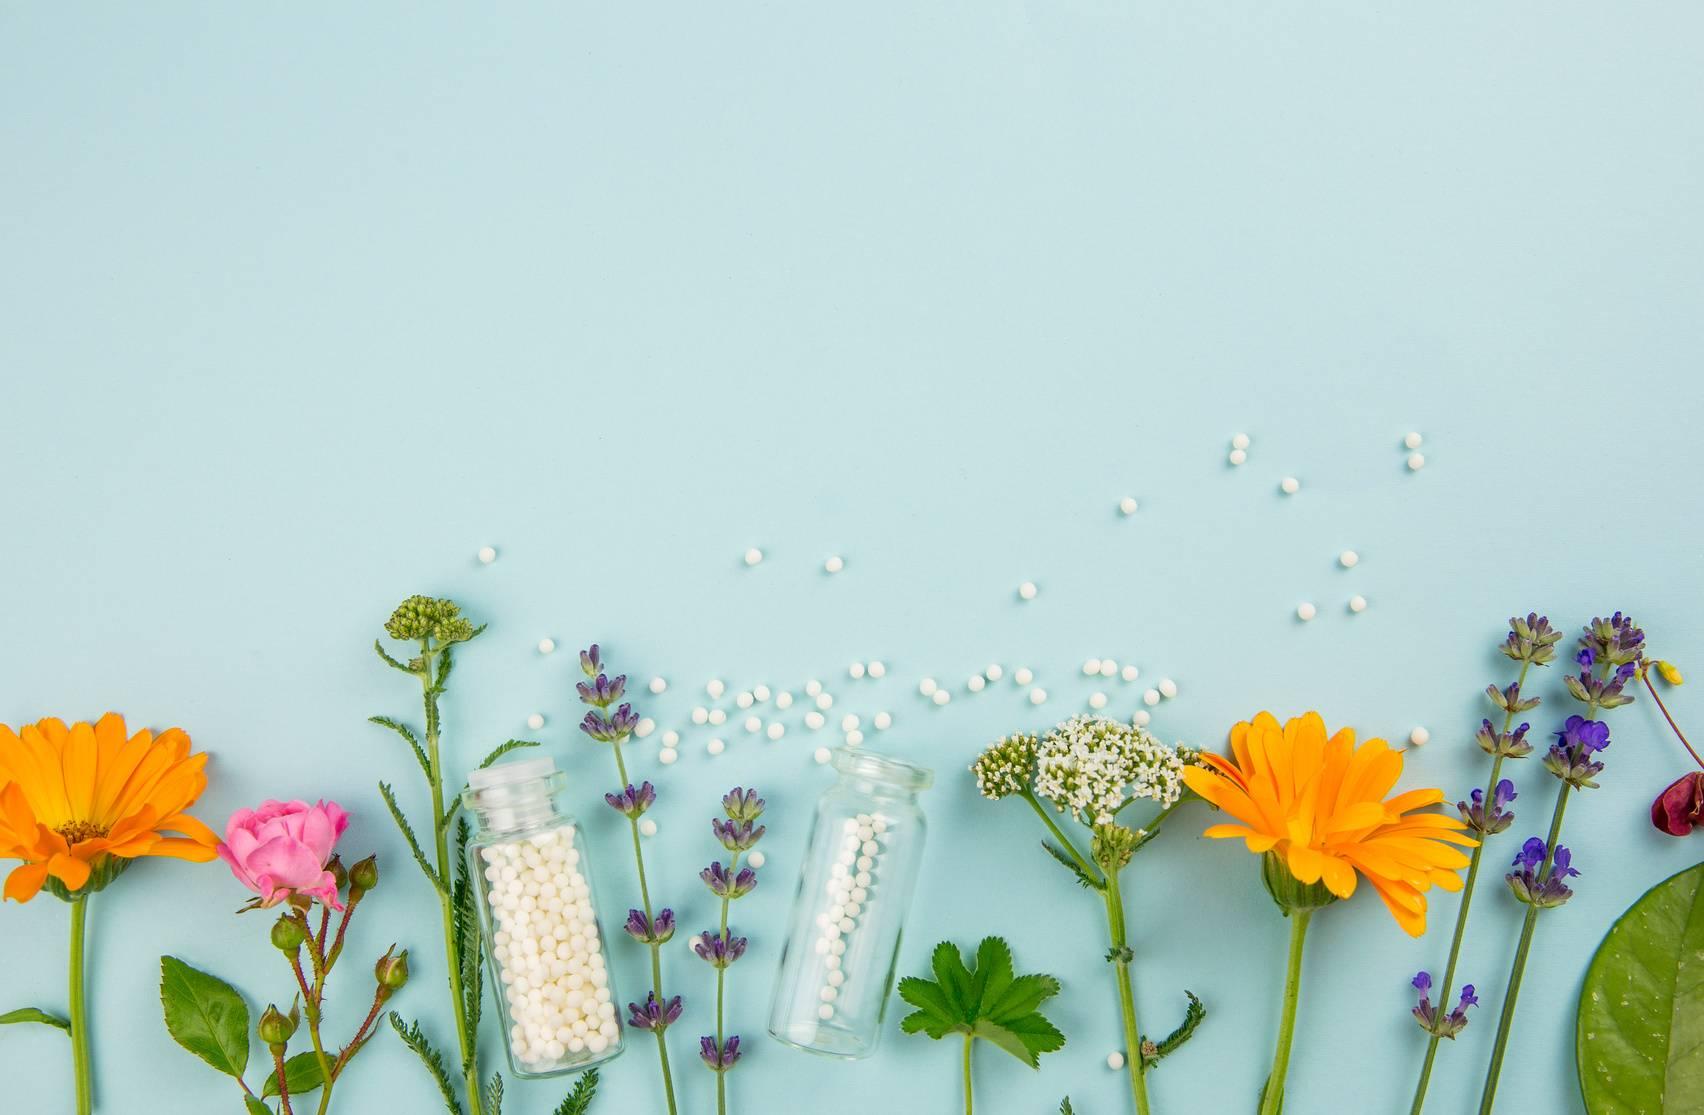 Calcarea carbonica. Leki homeopatyczne, kwiaty i zioła leżą u dołu kadru na niebieskim tle.